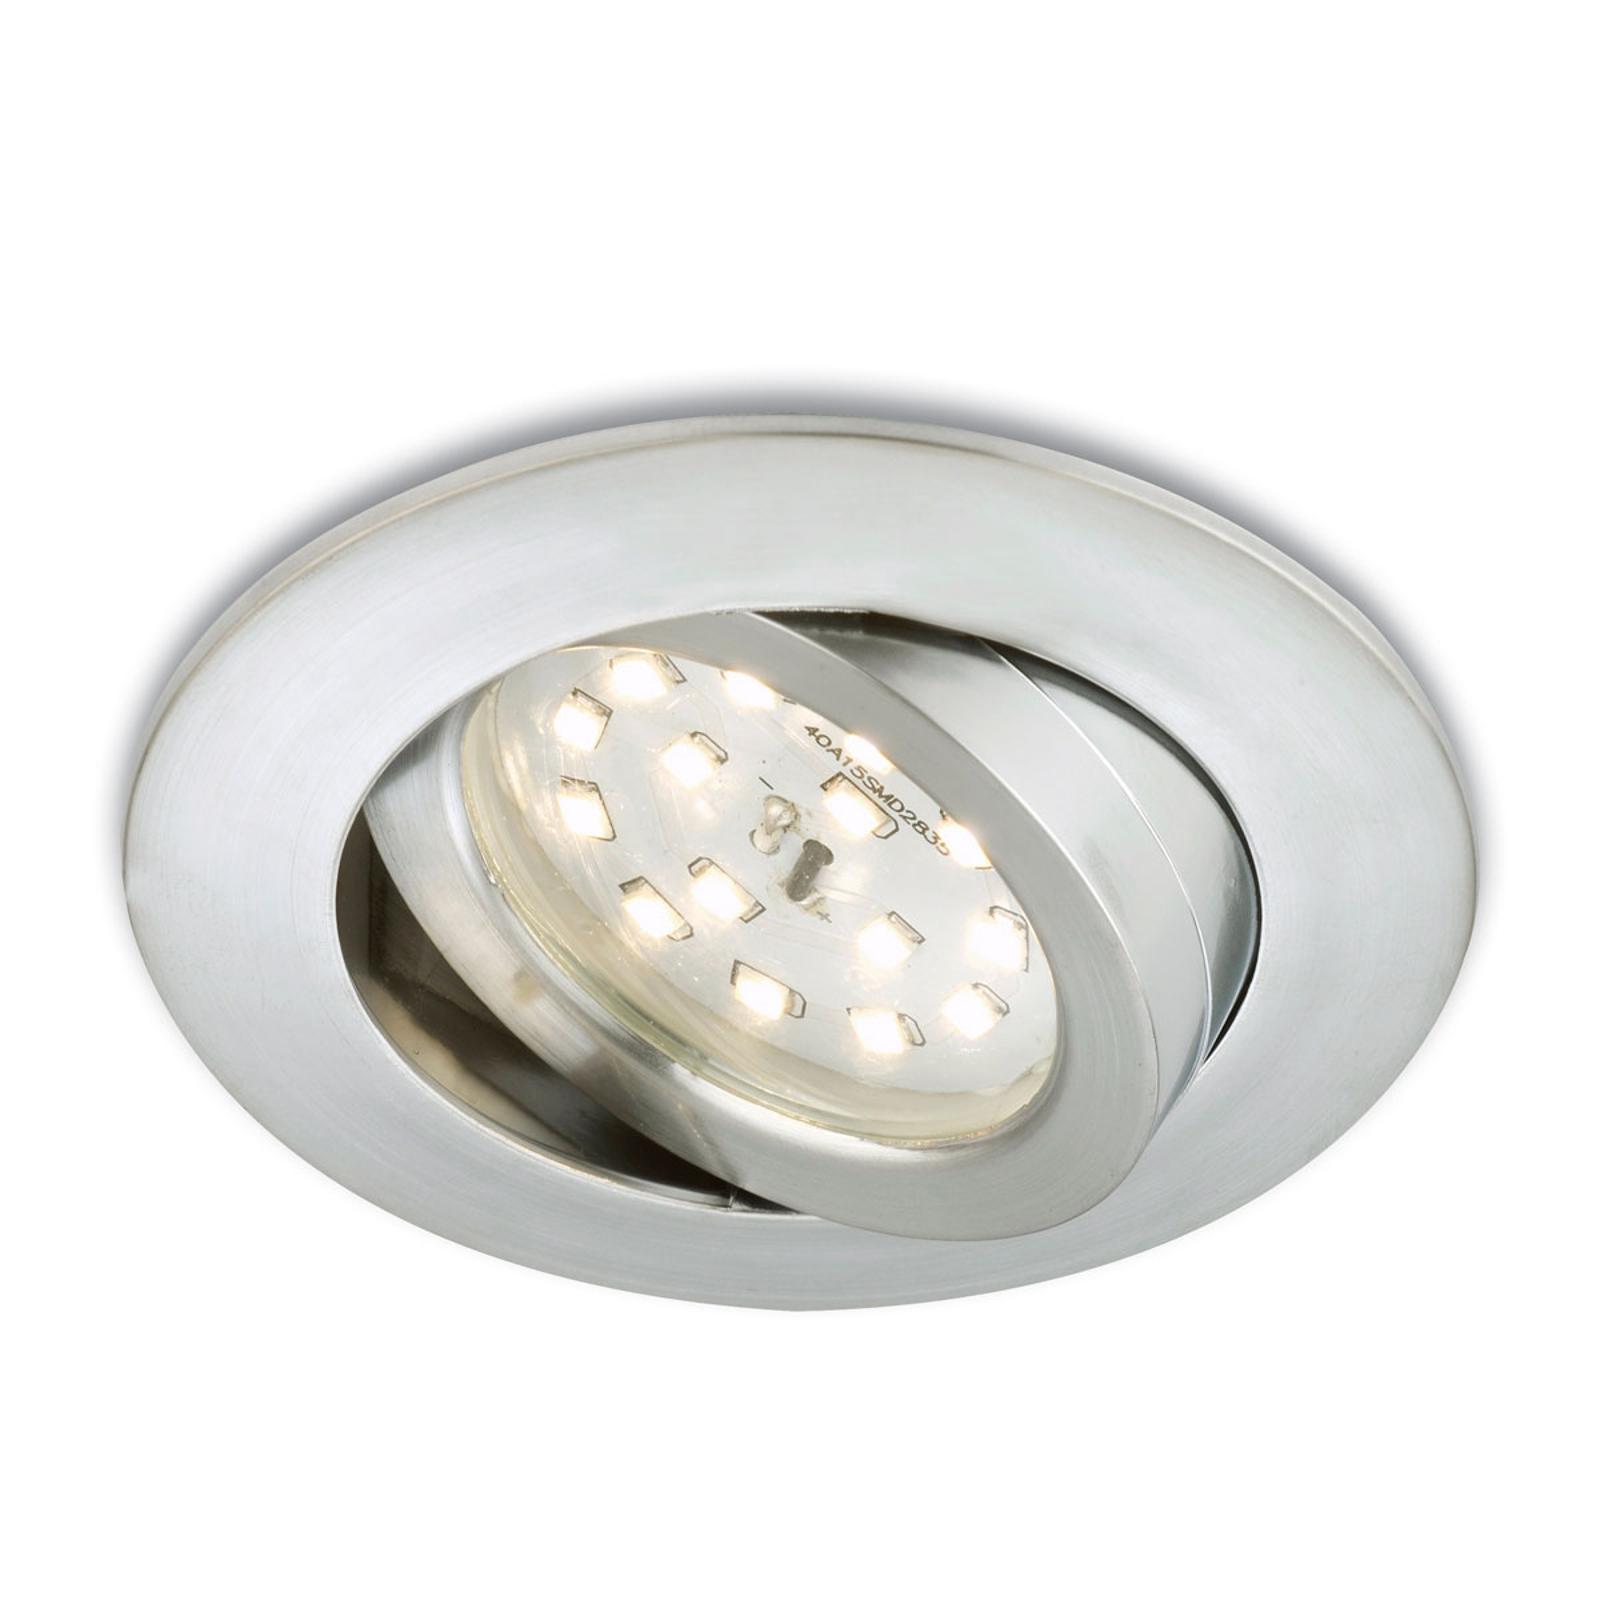 Foco empotrado LED Erik color aluminio, giratorio